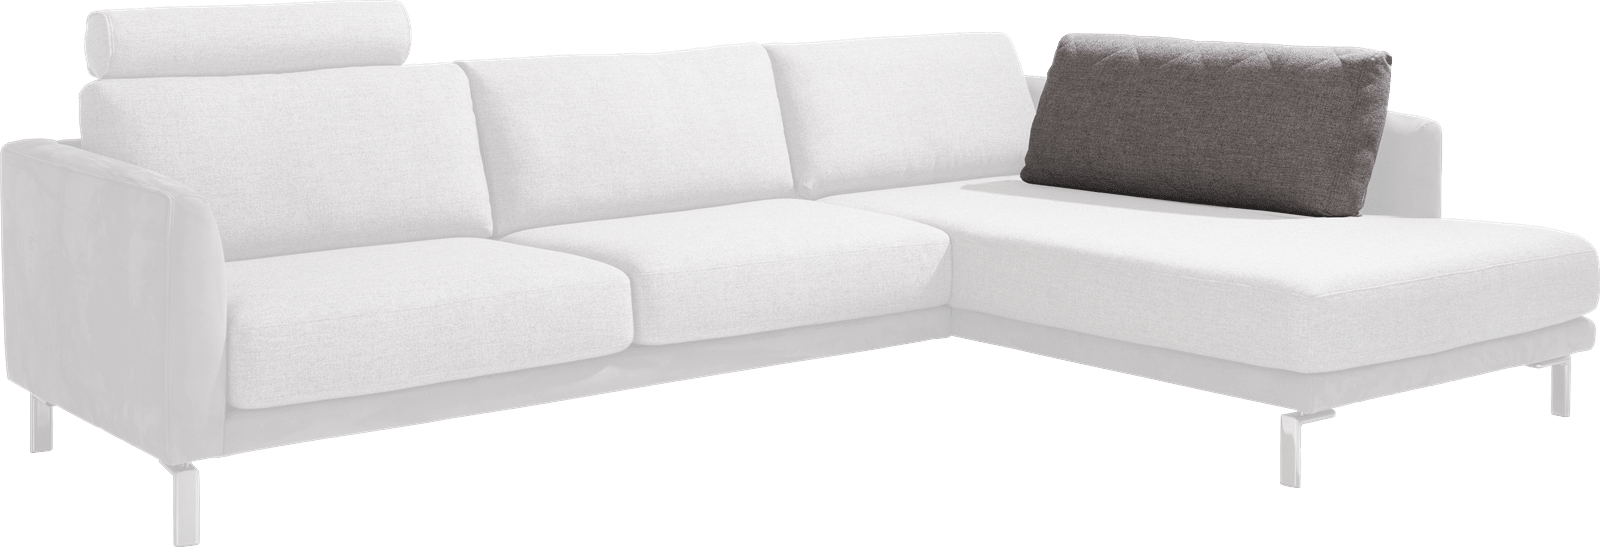 Vigo - rugkussen voor longchair xl - 80 cm